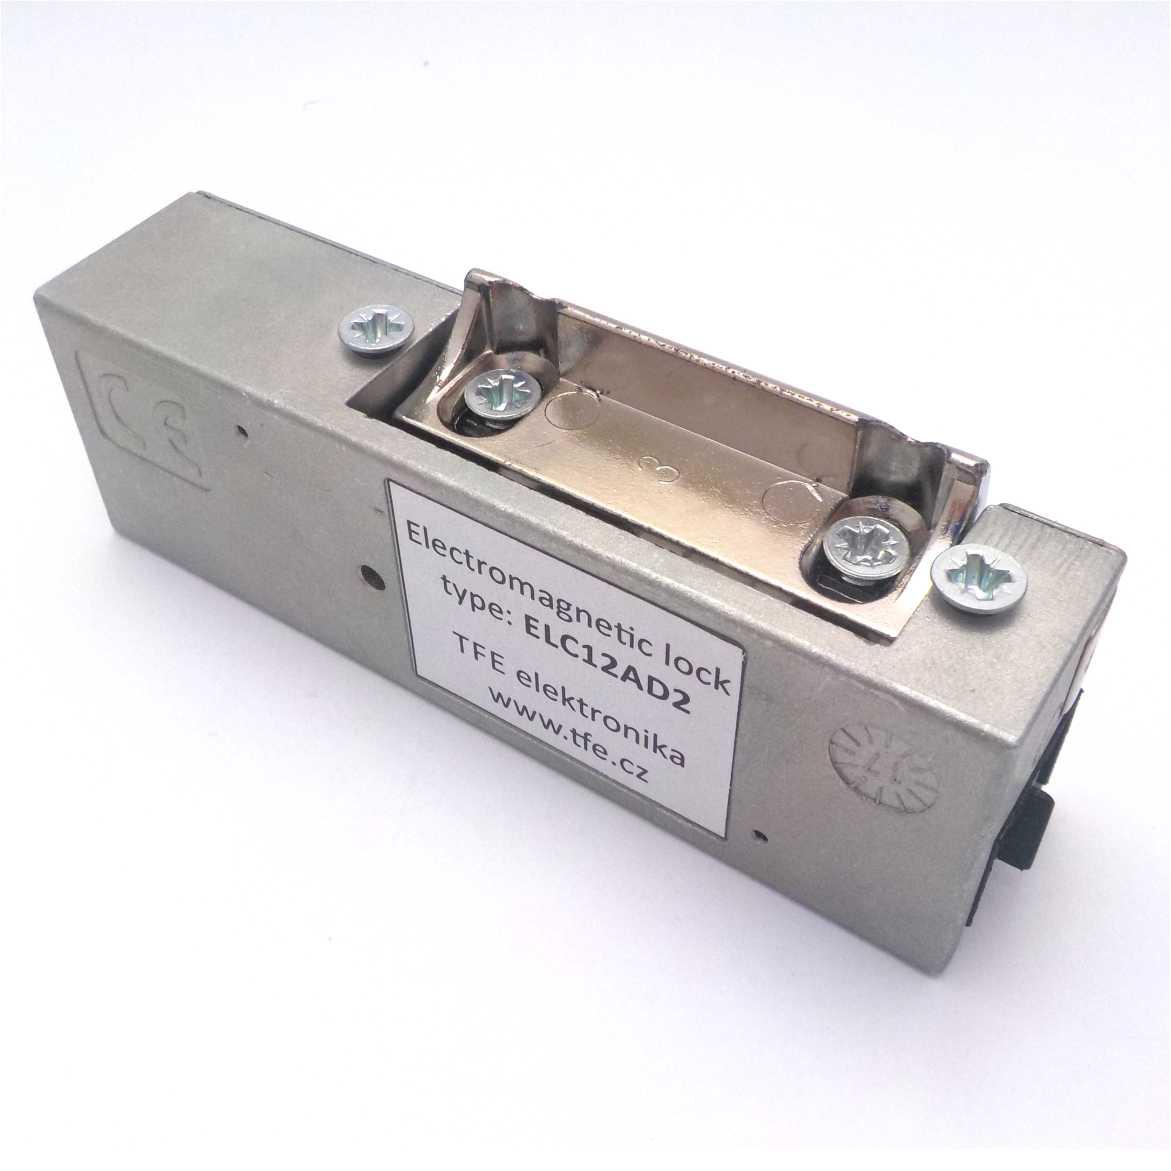 Elektrický zámek s nastavitelnou západkou ELC12AD2